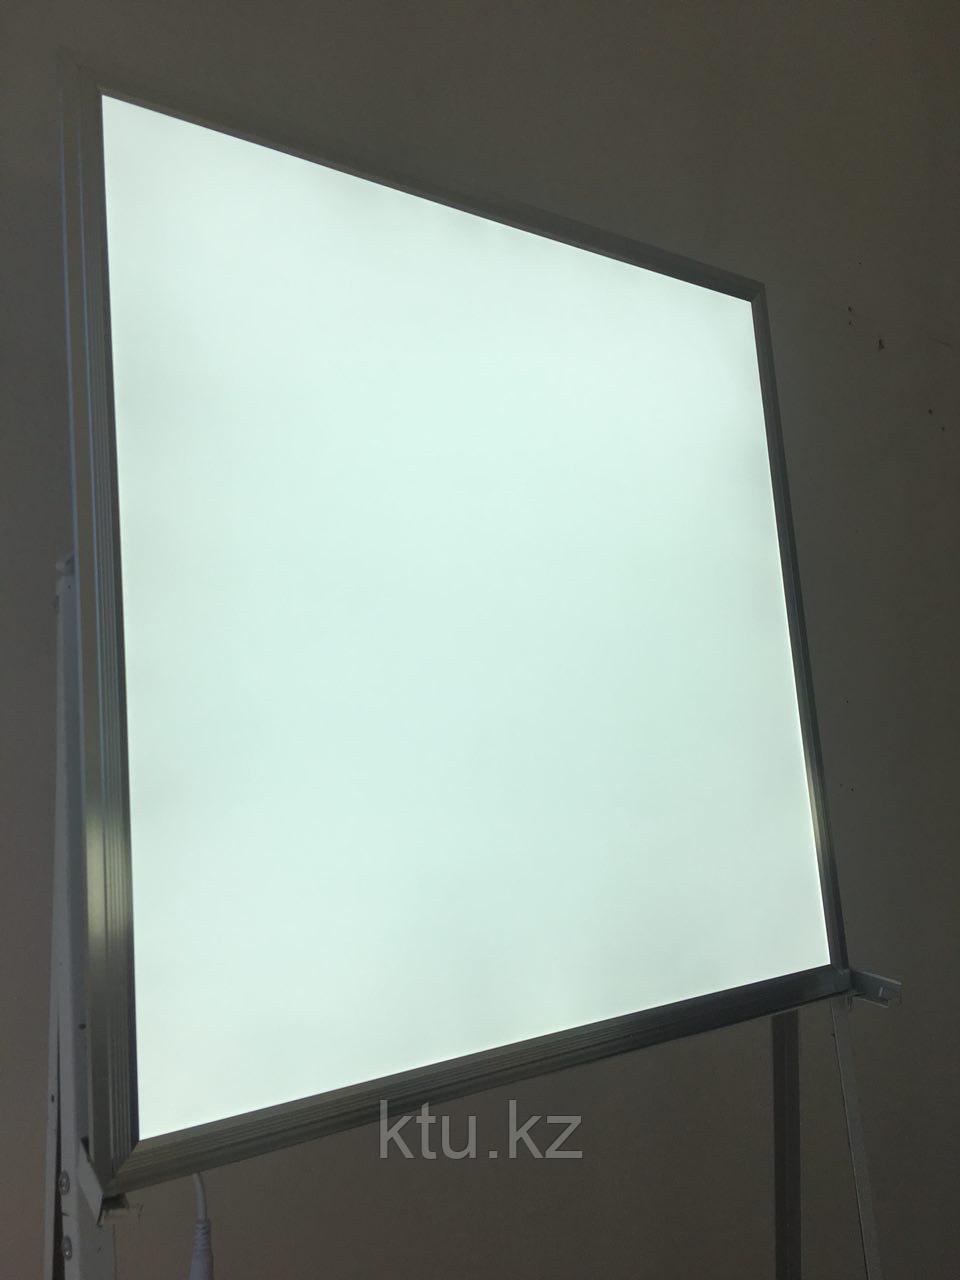 Светильник под армстронг JL-595 36W 1год гарантия: 13.48$